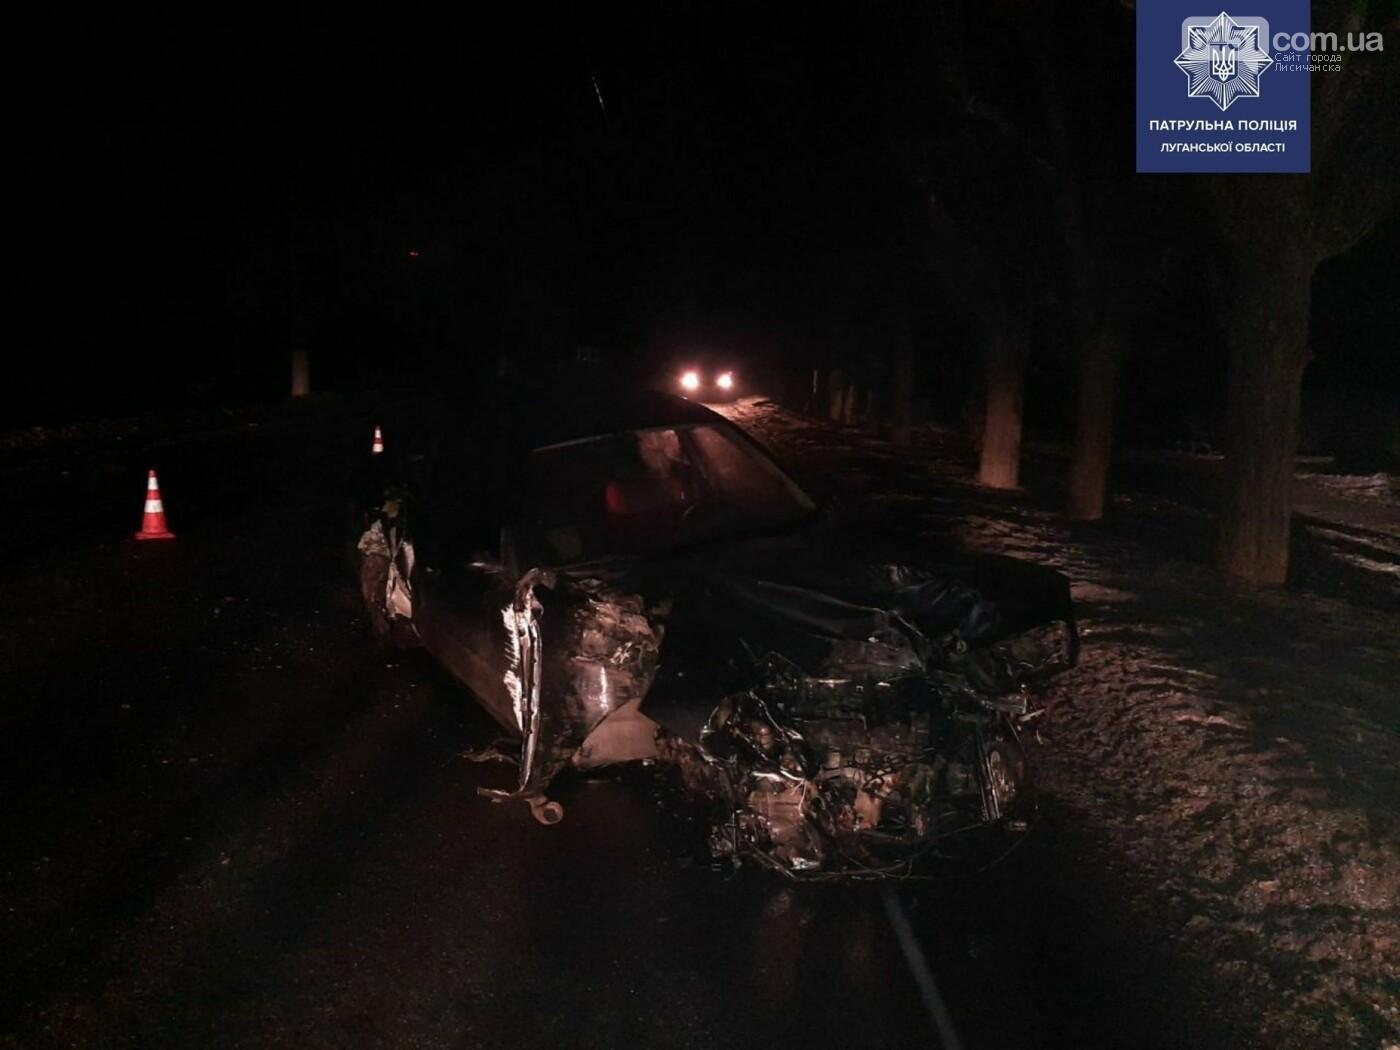 Пьяный водитель совершил ДТП в Лисичанске, фото-3